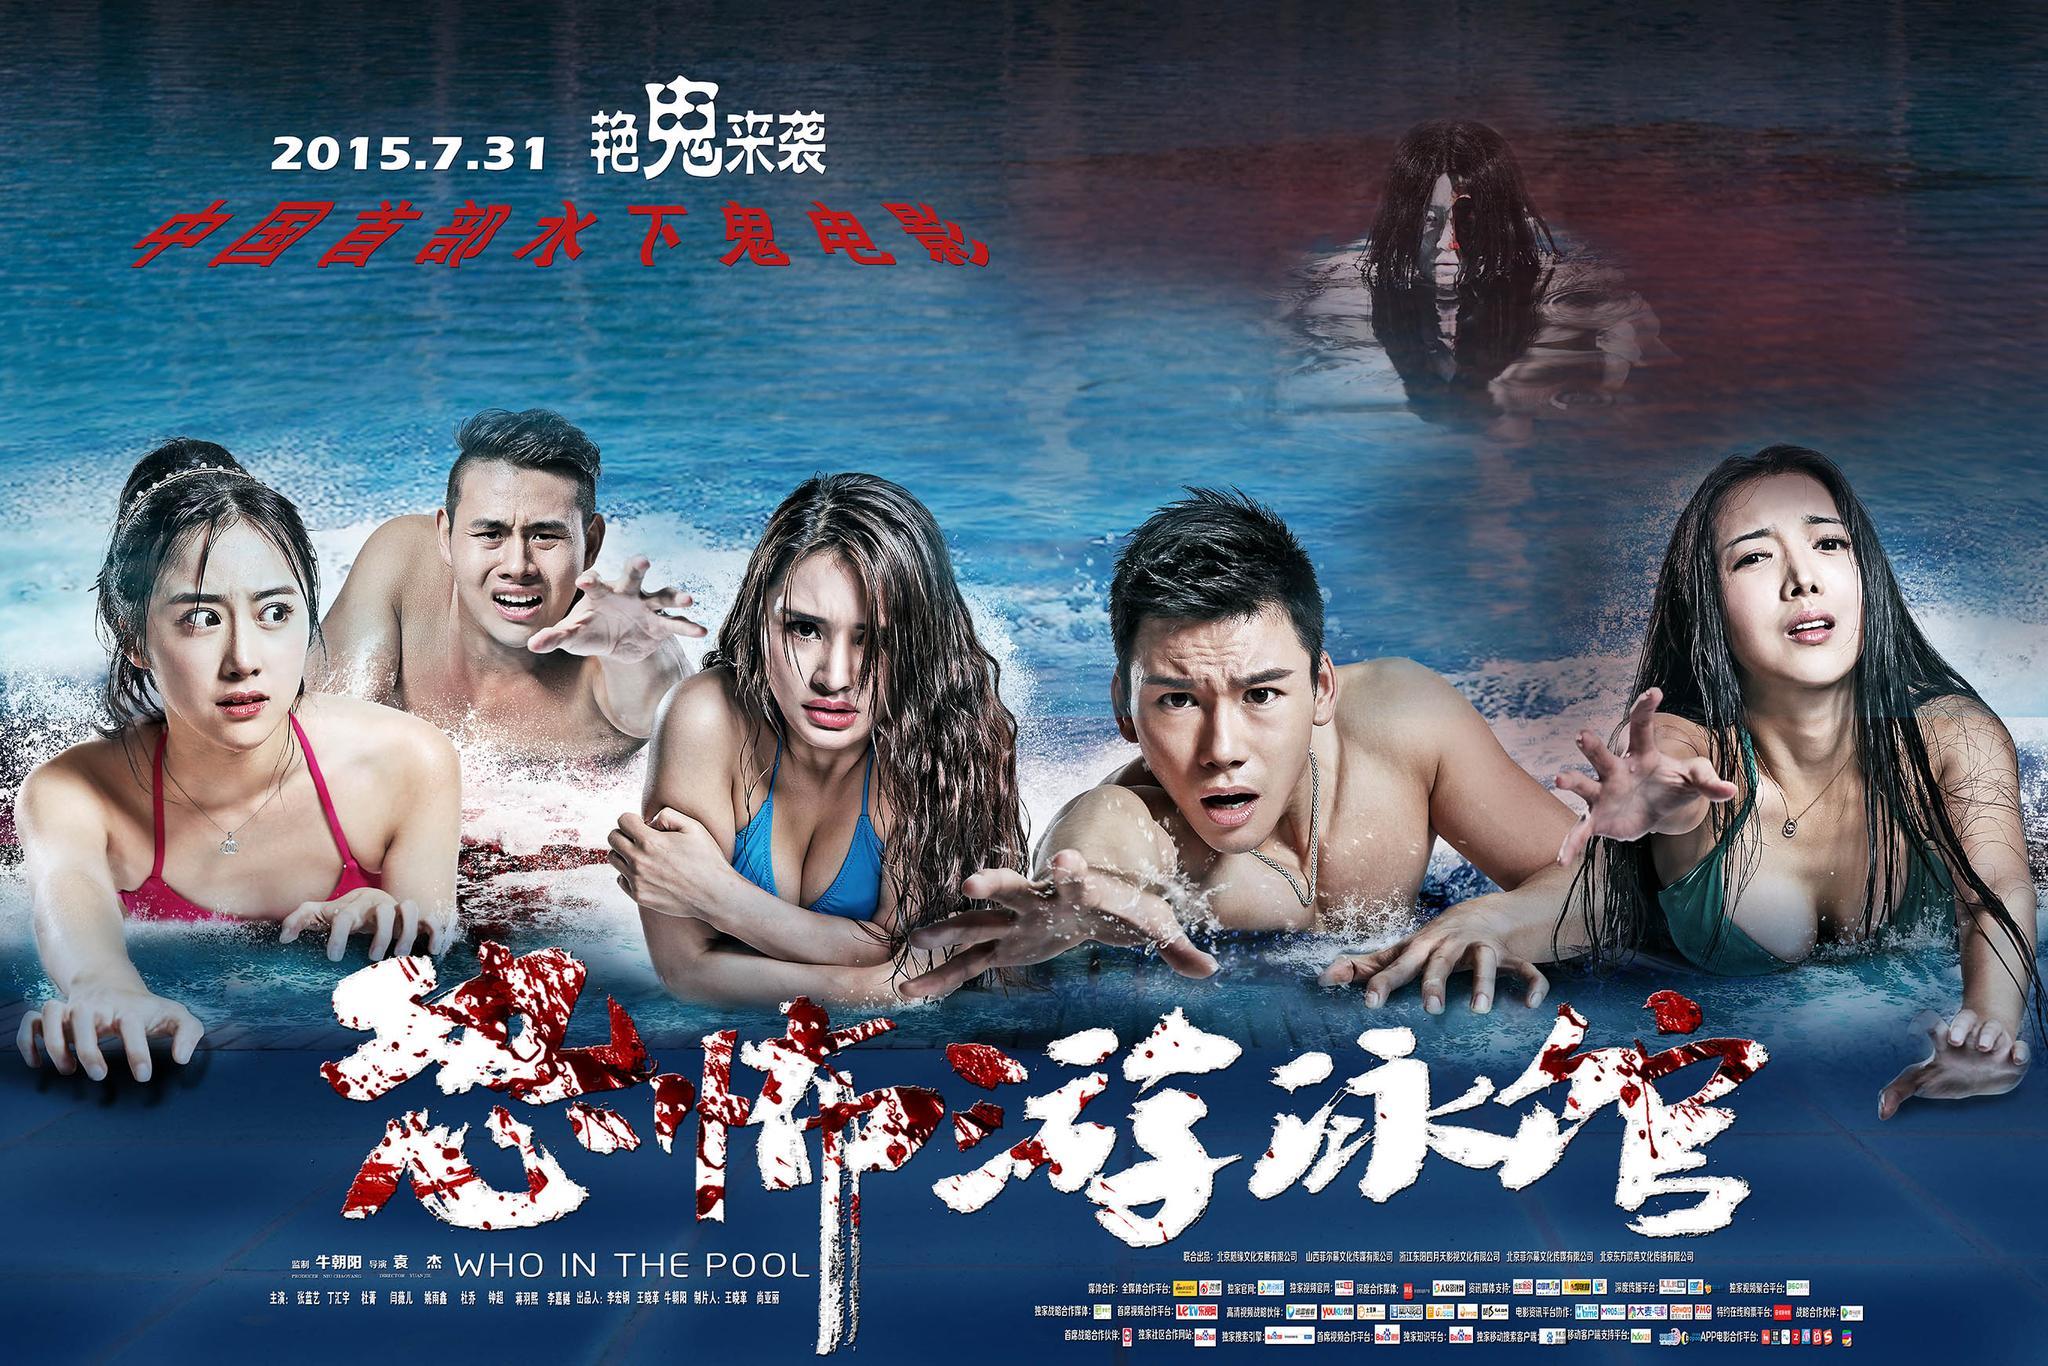 《恐惧游水馆》泳池惊魂版海报